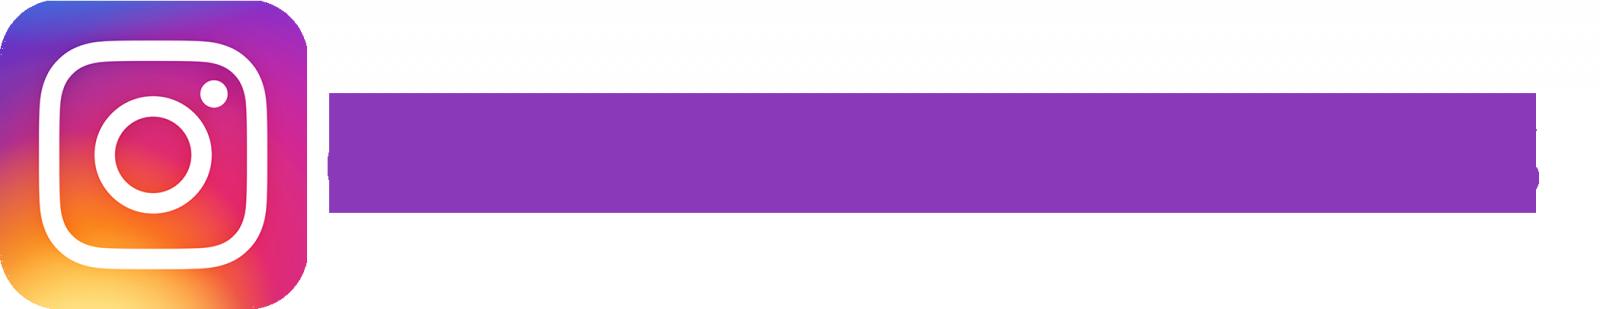 Ottobrunn Kino Programm